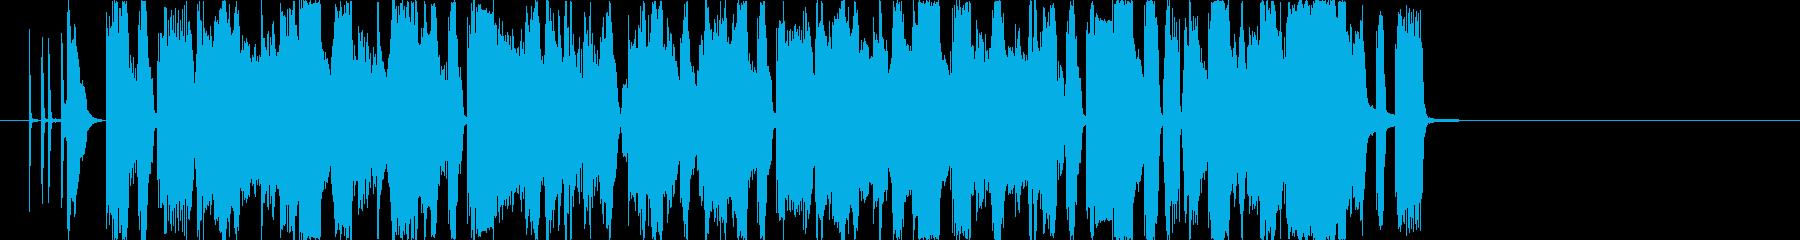 低音がノリノリなピコピコ系グリッチホップの再生済みの波形